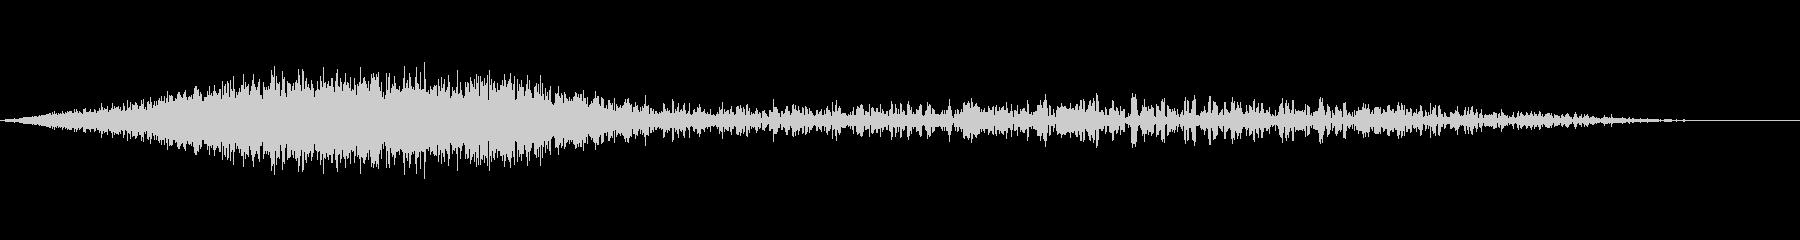 シューッという音EC07_91_4 2の未再生の波形